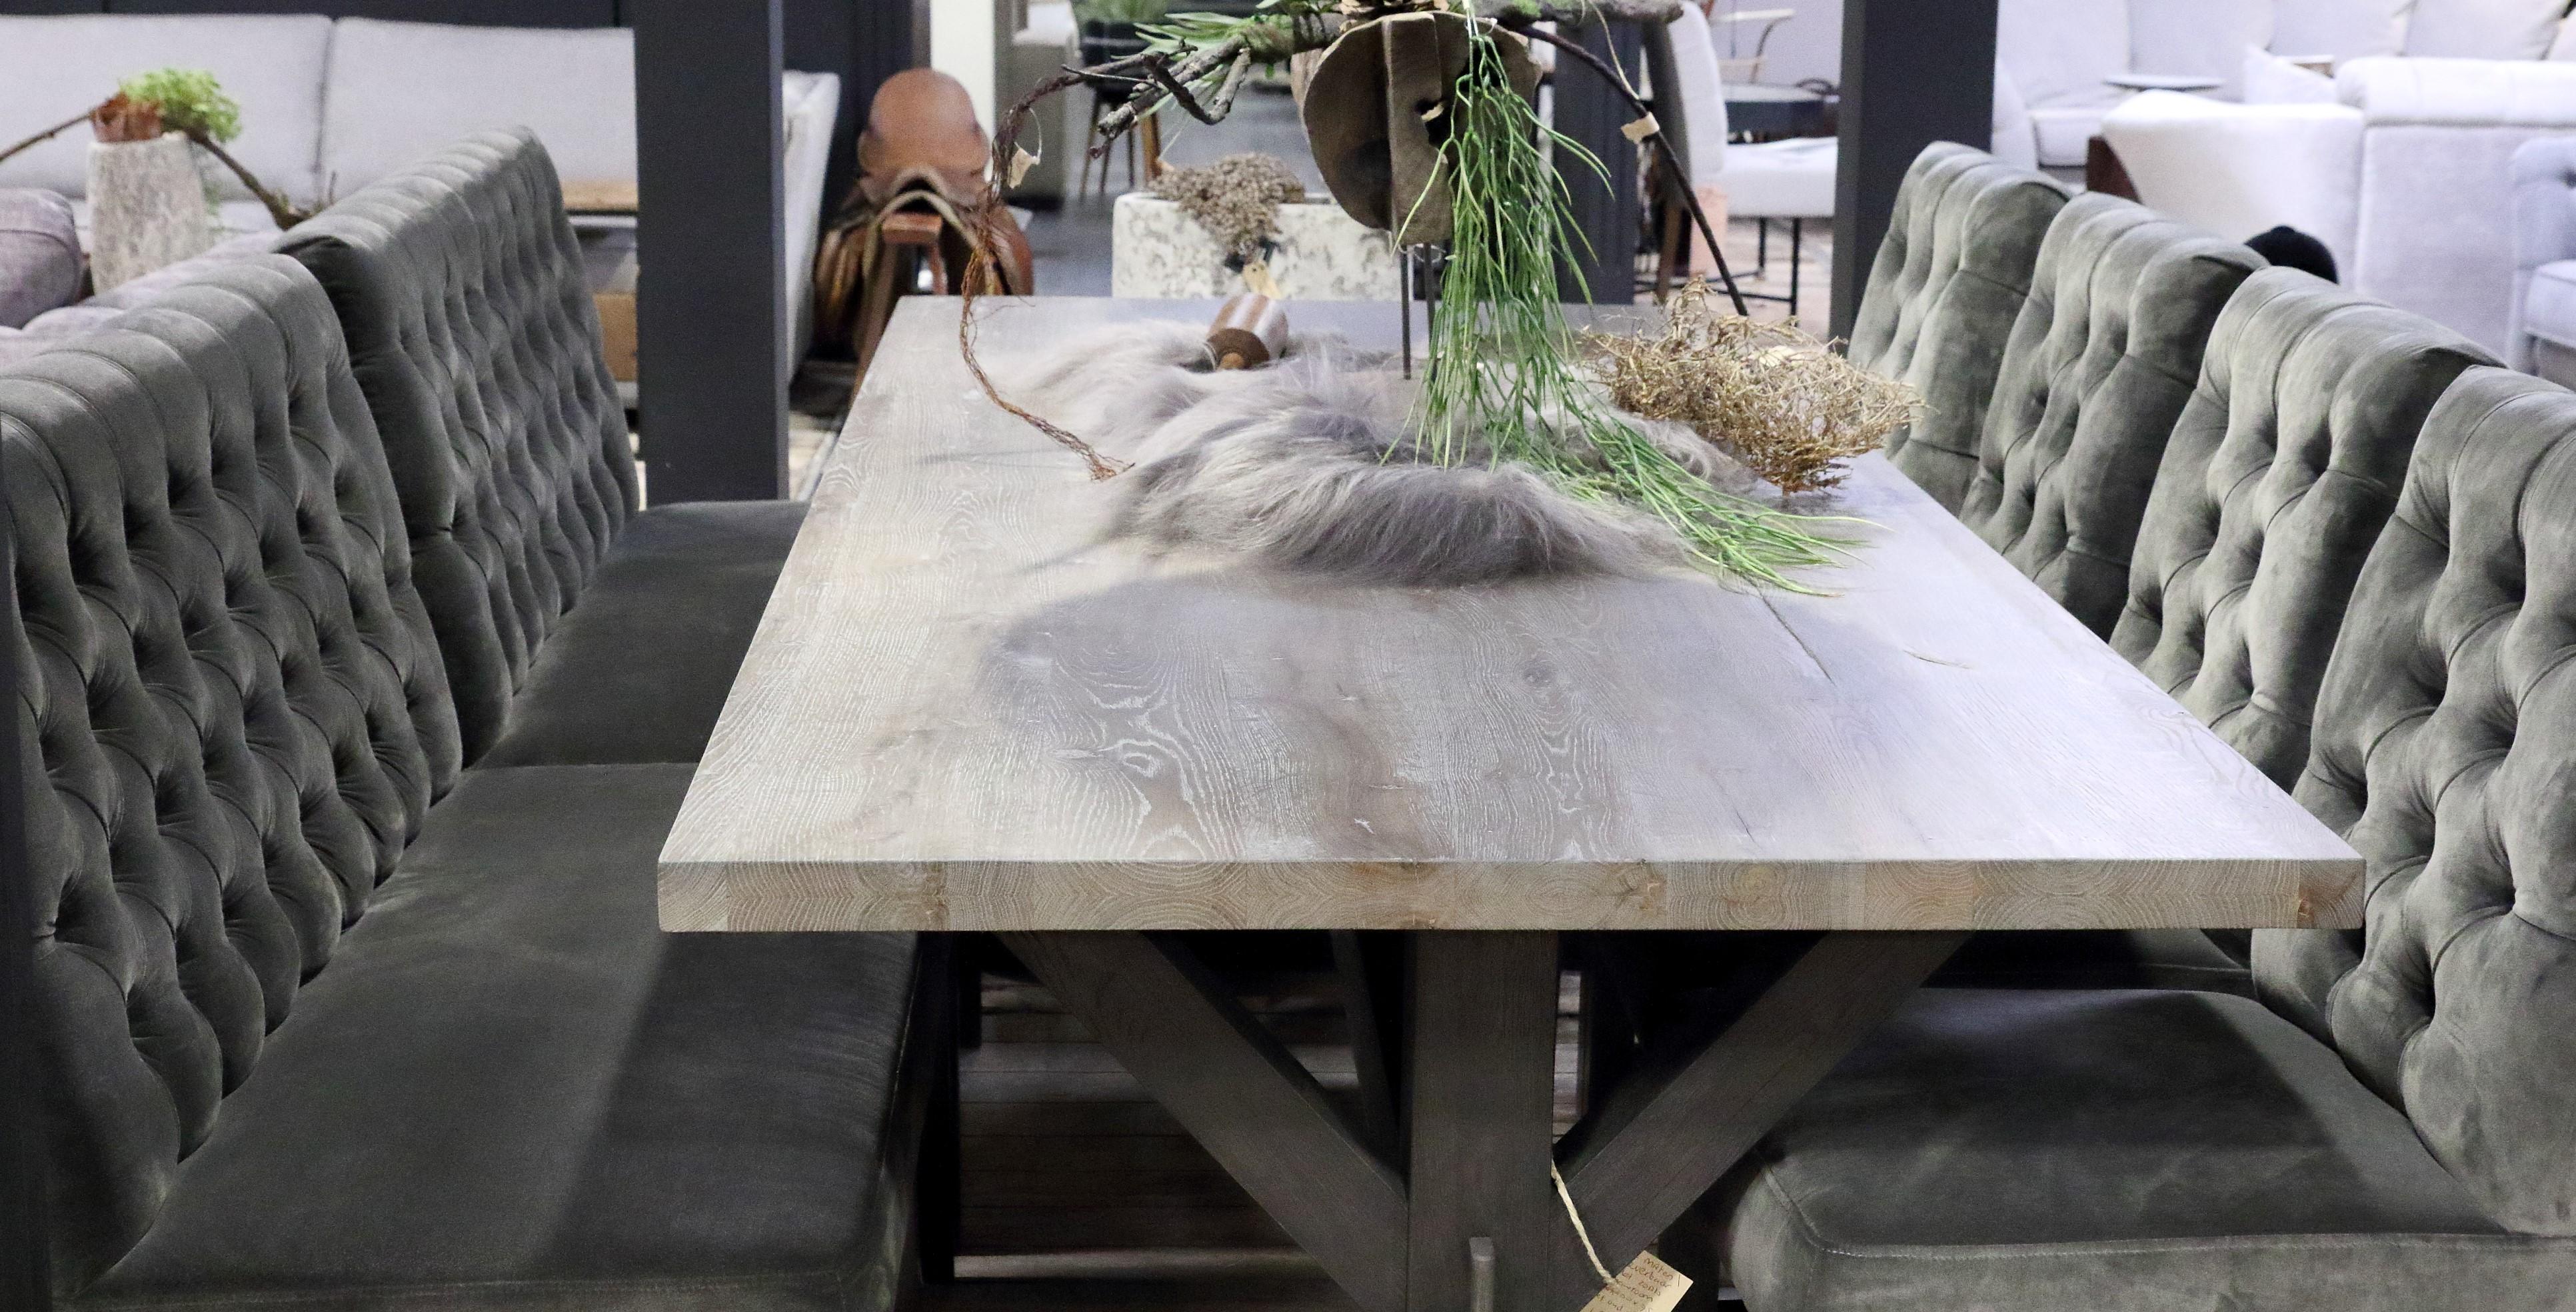 Vierkante houten eettafel met eettafels stoelen. Mooie landelijke meubelen voor in de eethoek.